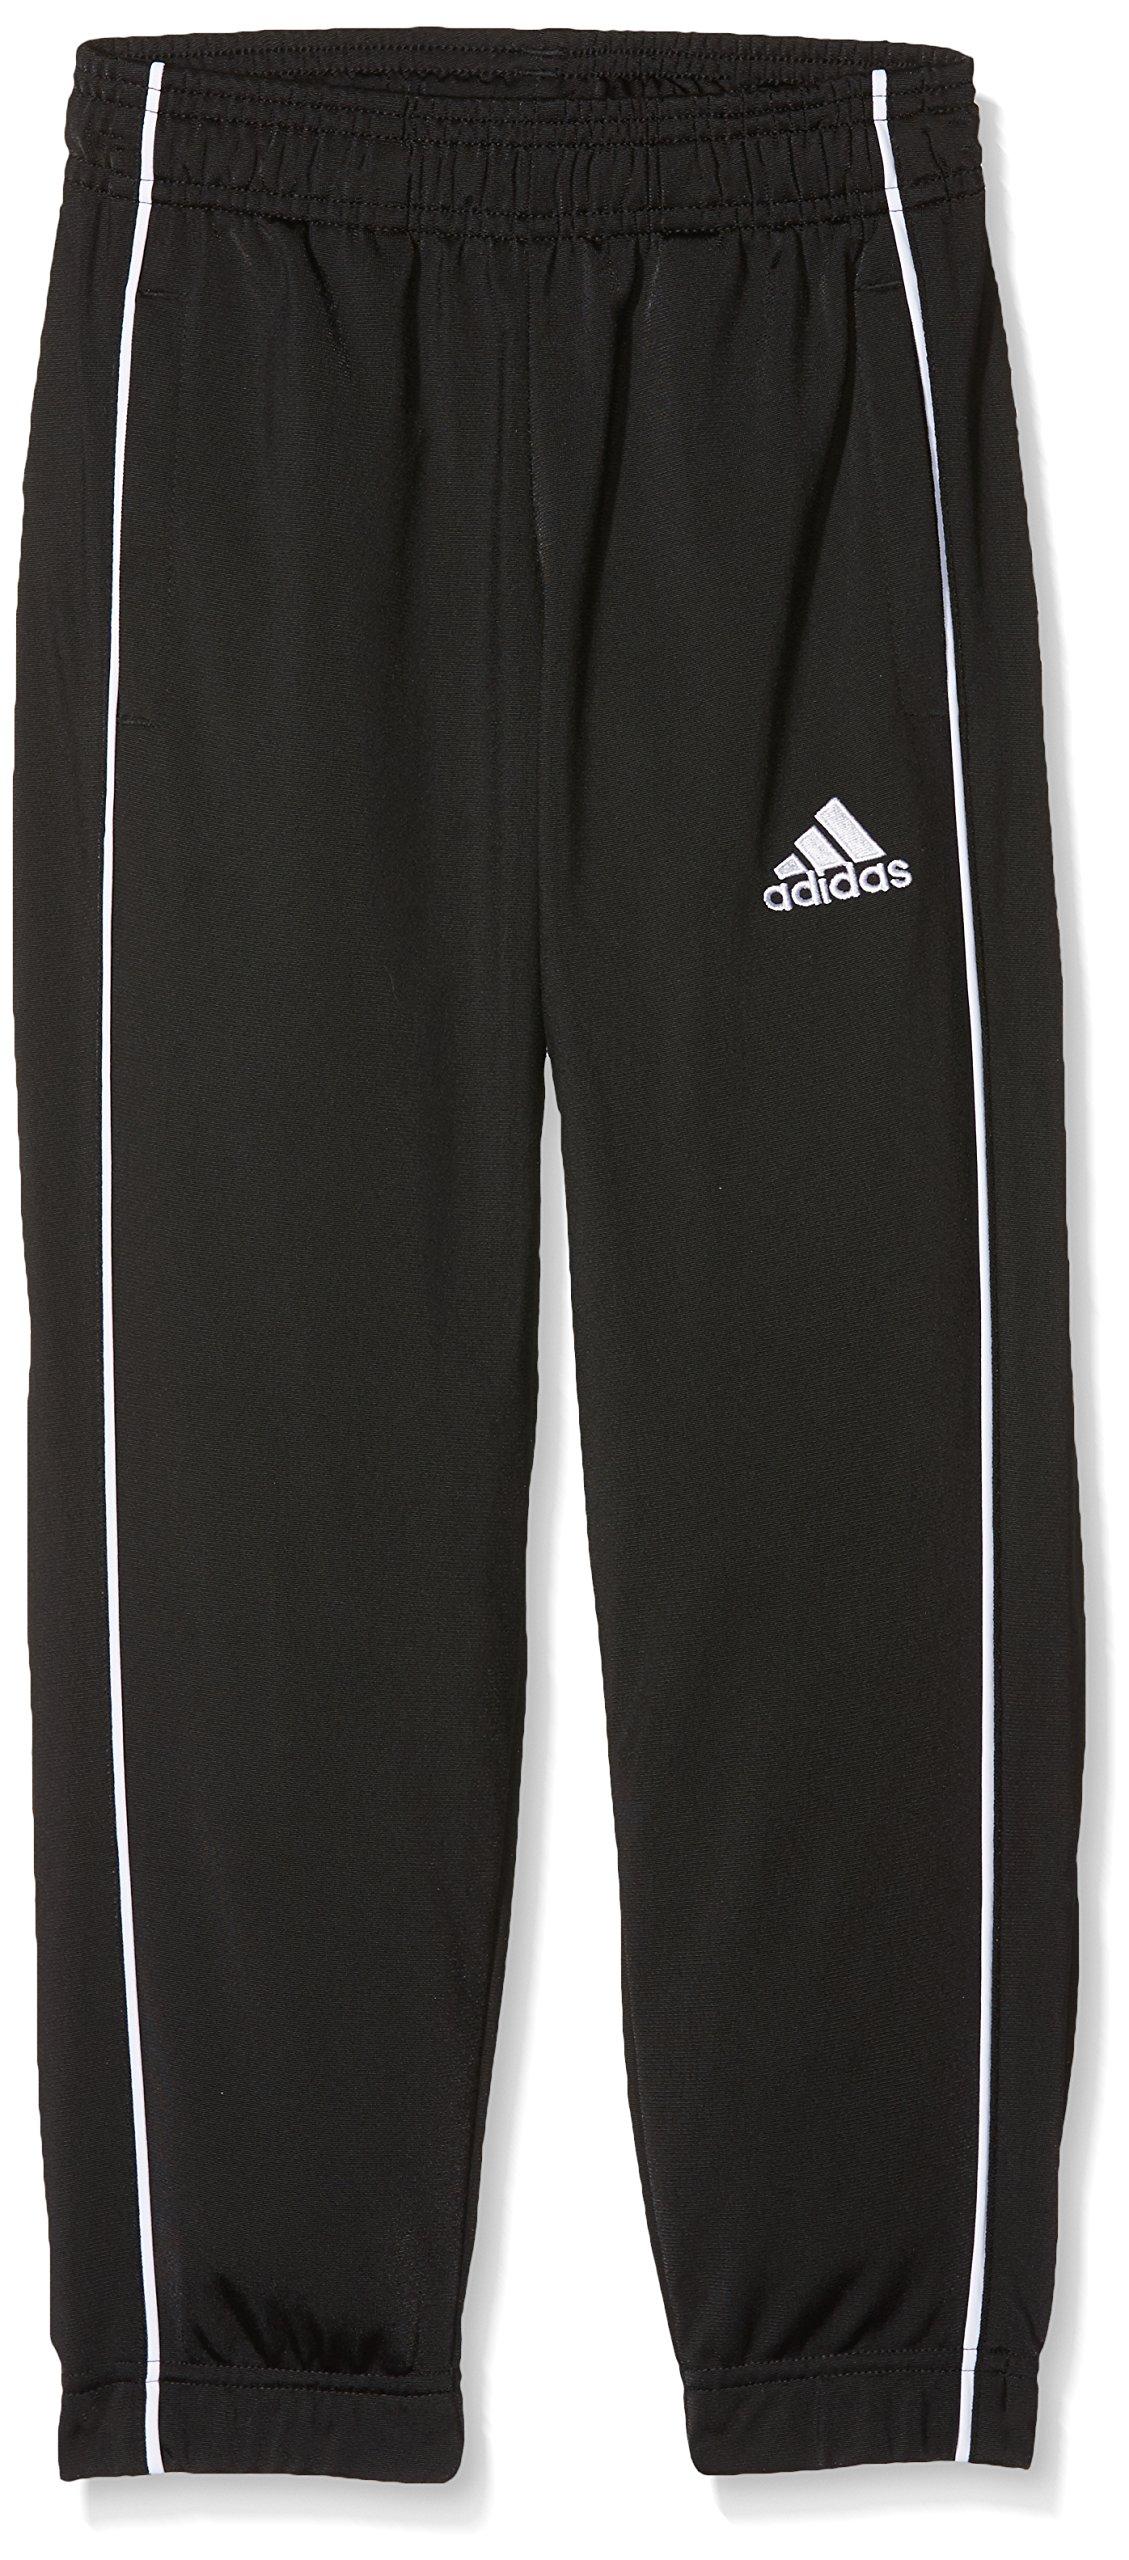 Core18 Adidas Jacket Kinder Jungen Pes dxoWCBre